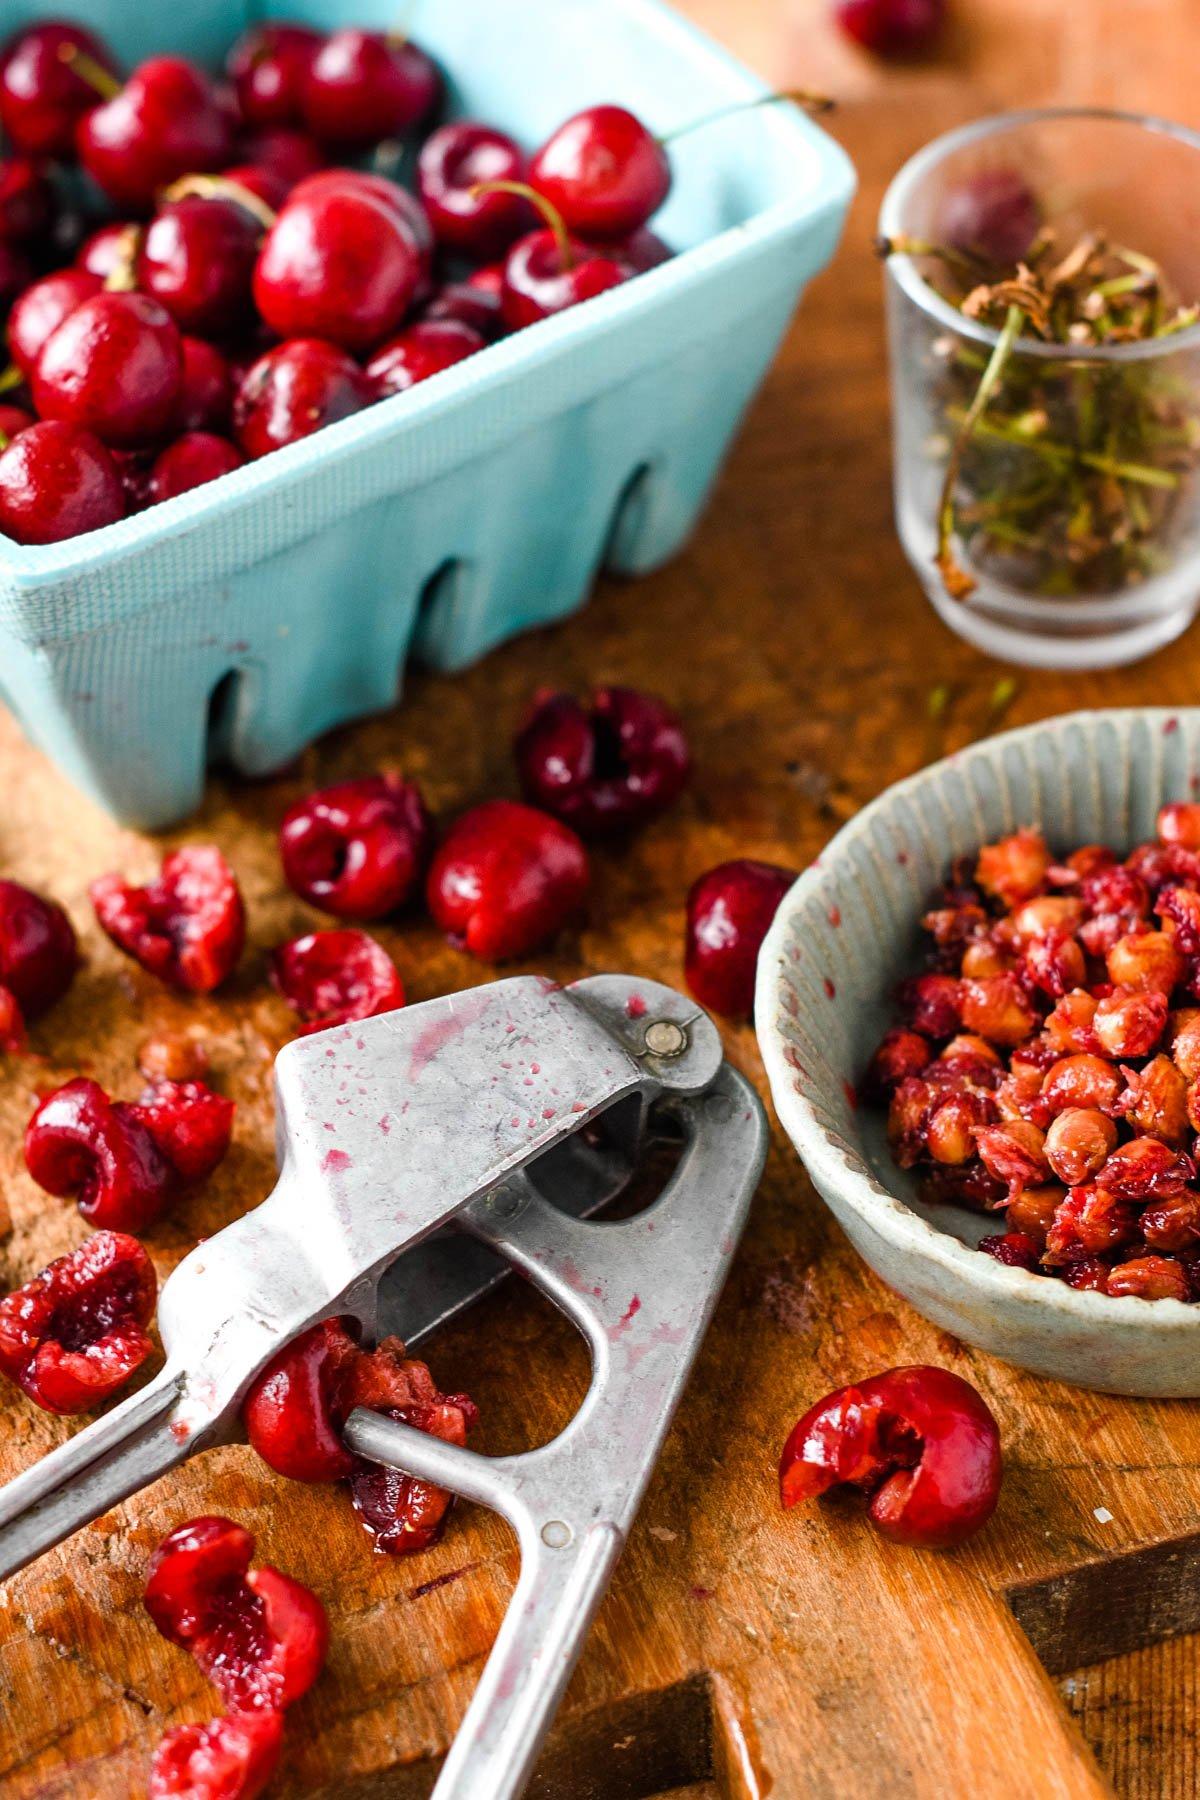 stoning cherries